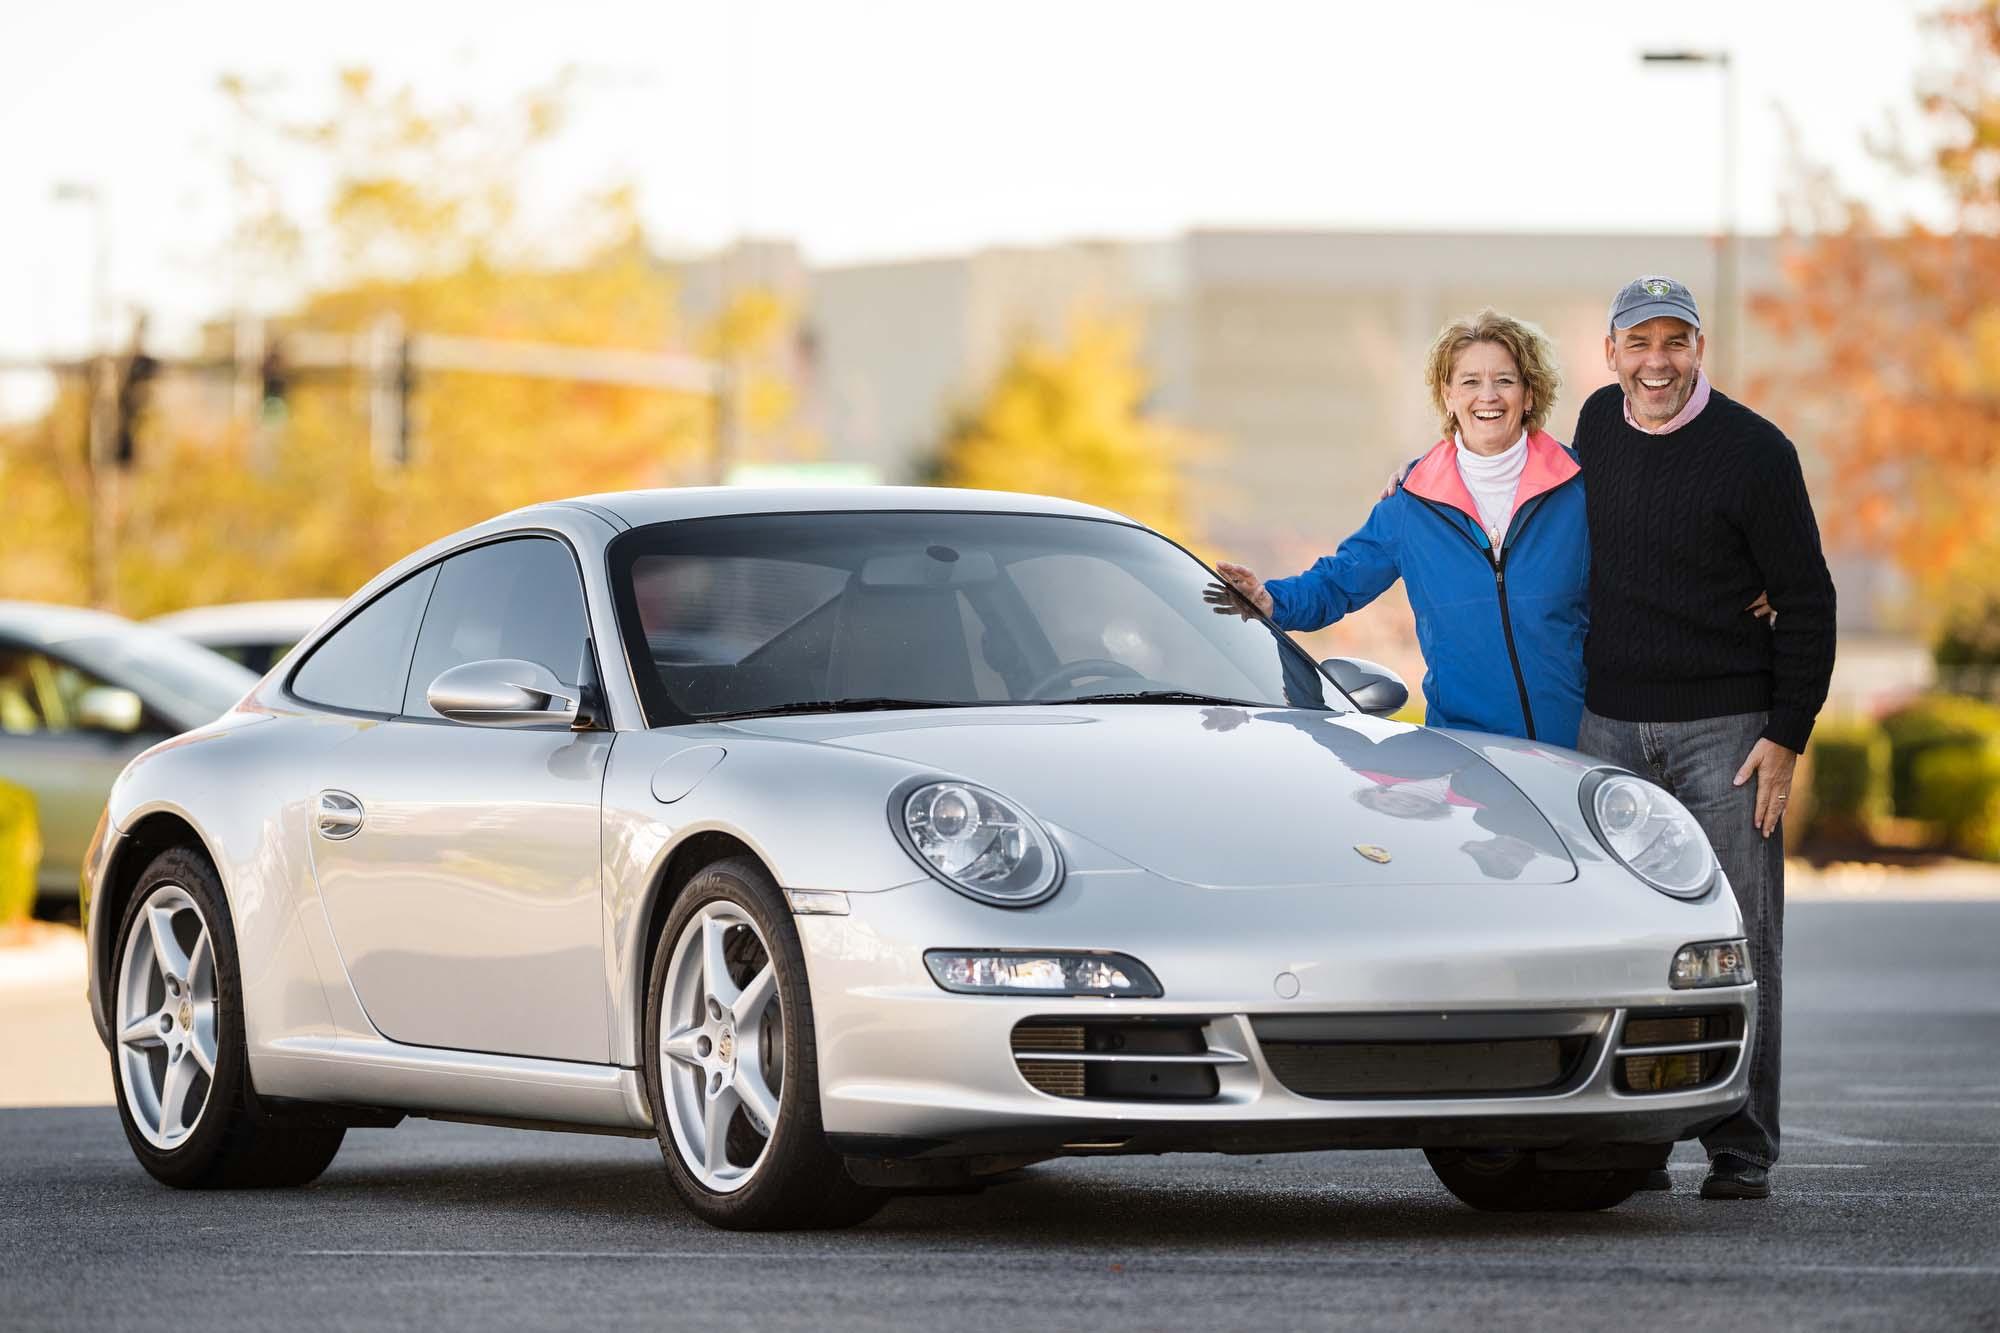 Porsche C&C Oct 14, 2015  Photo by Joseph Rey Au